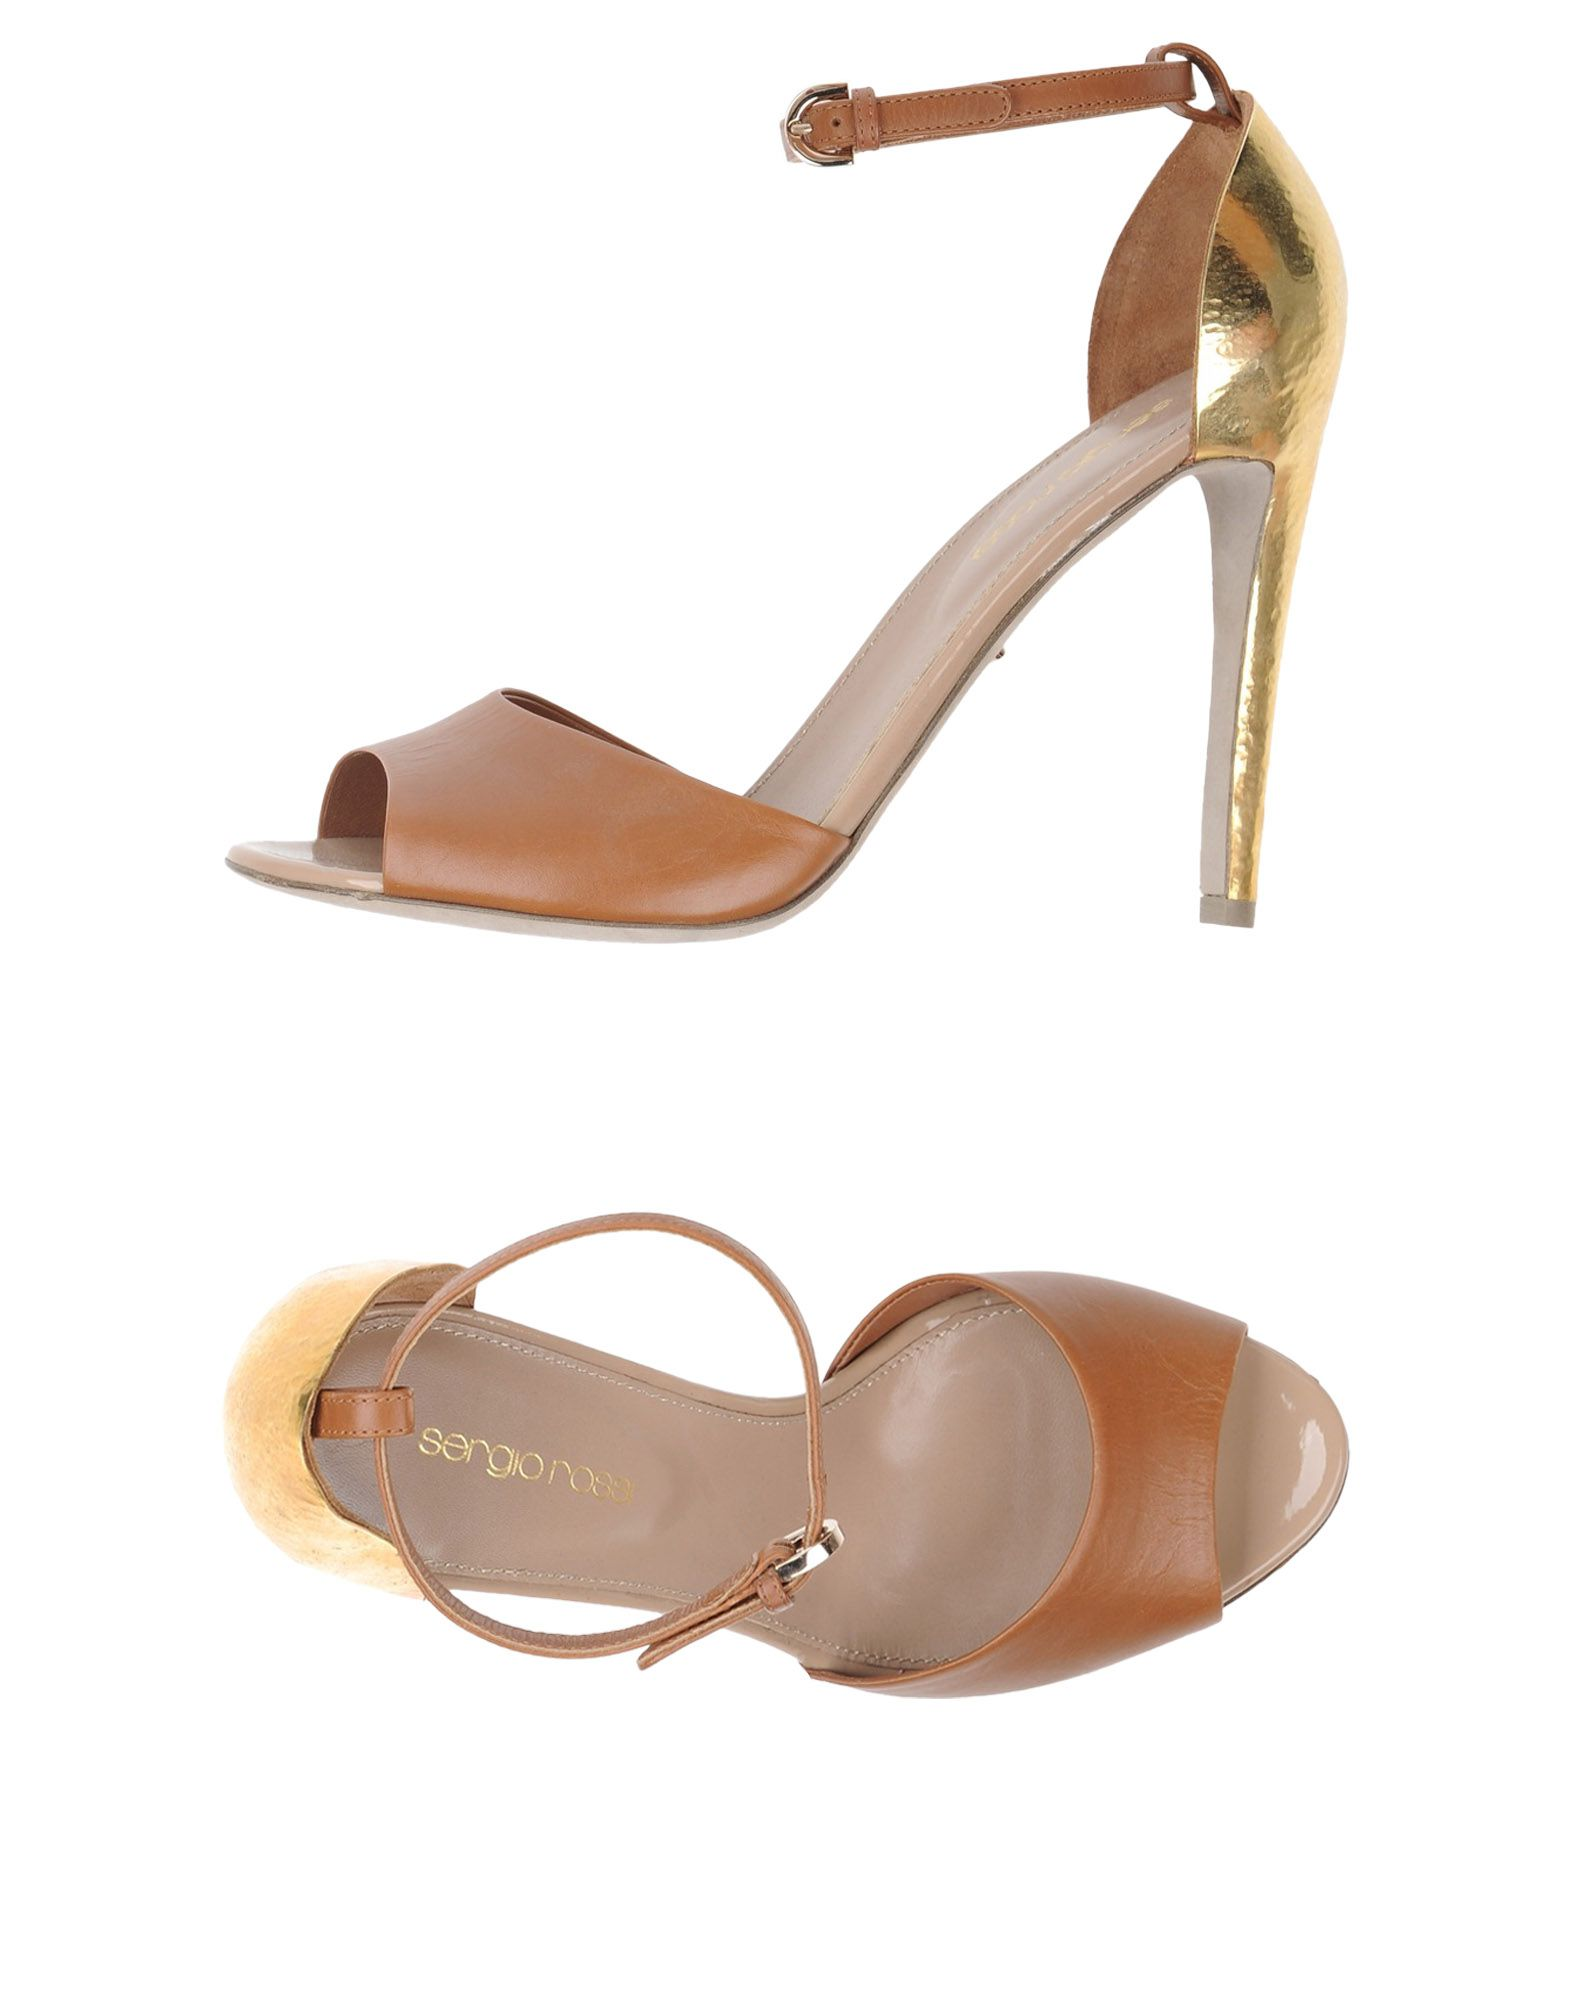 Sergio Rossi Sandalen Damen aussehende  11230831EDGünstige gut aussehende Damen Schuhe 4d1102